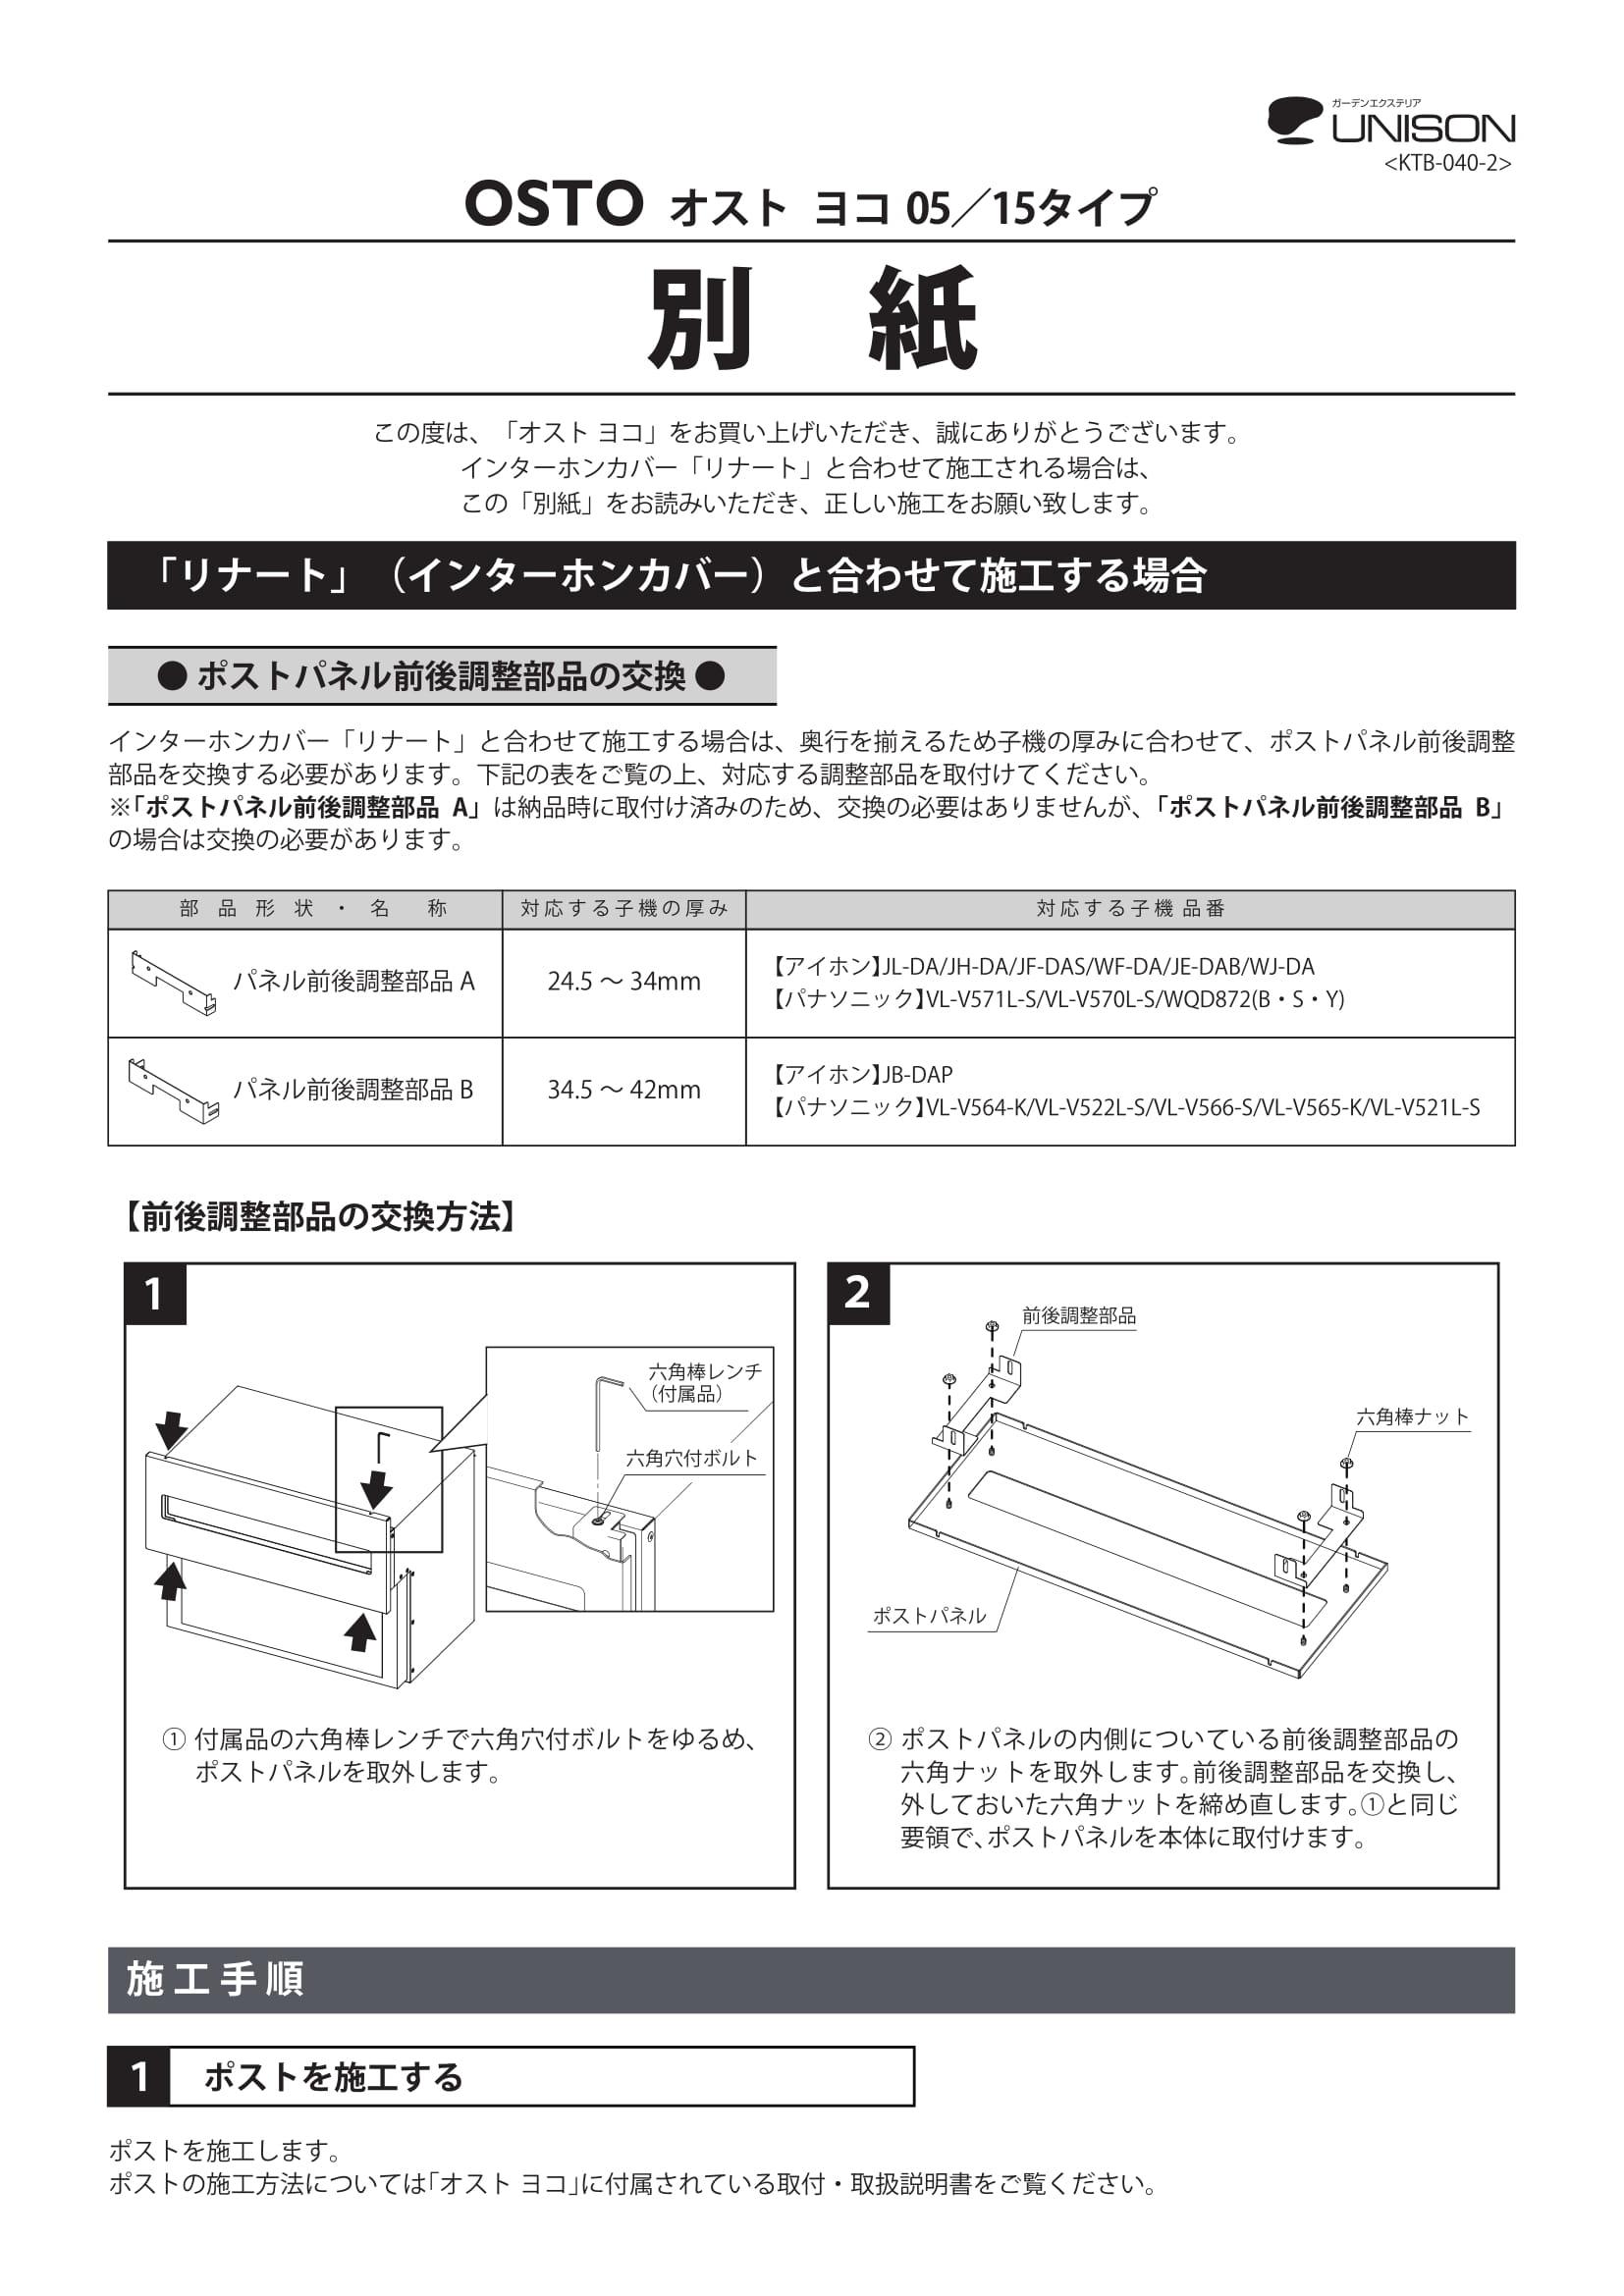 オストヨコ_取扱説明書-5